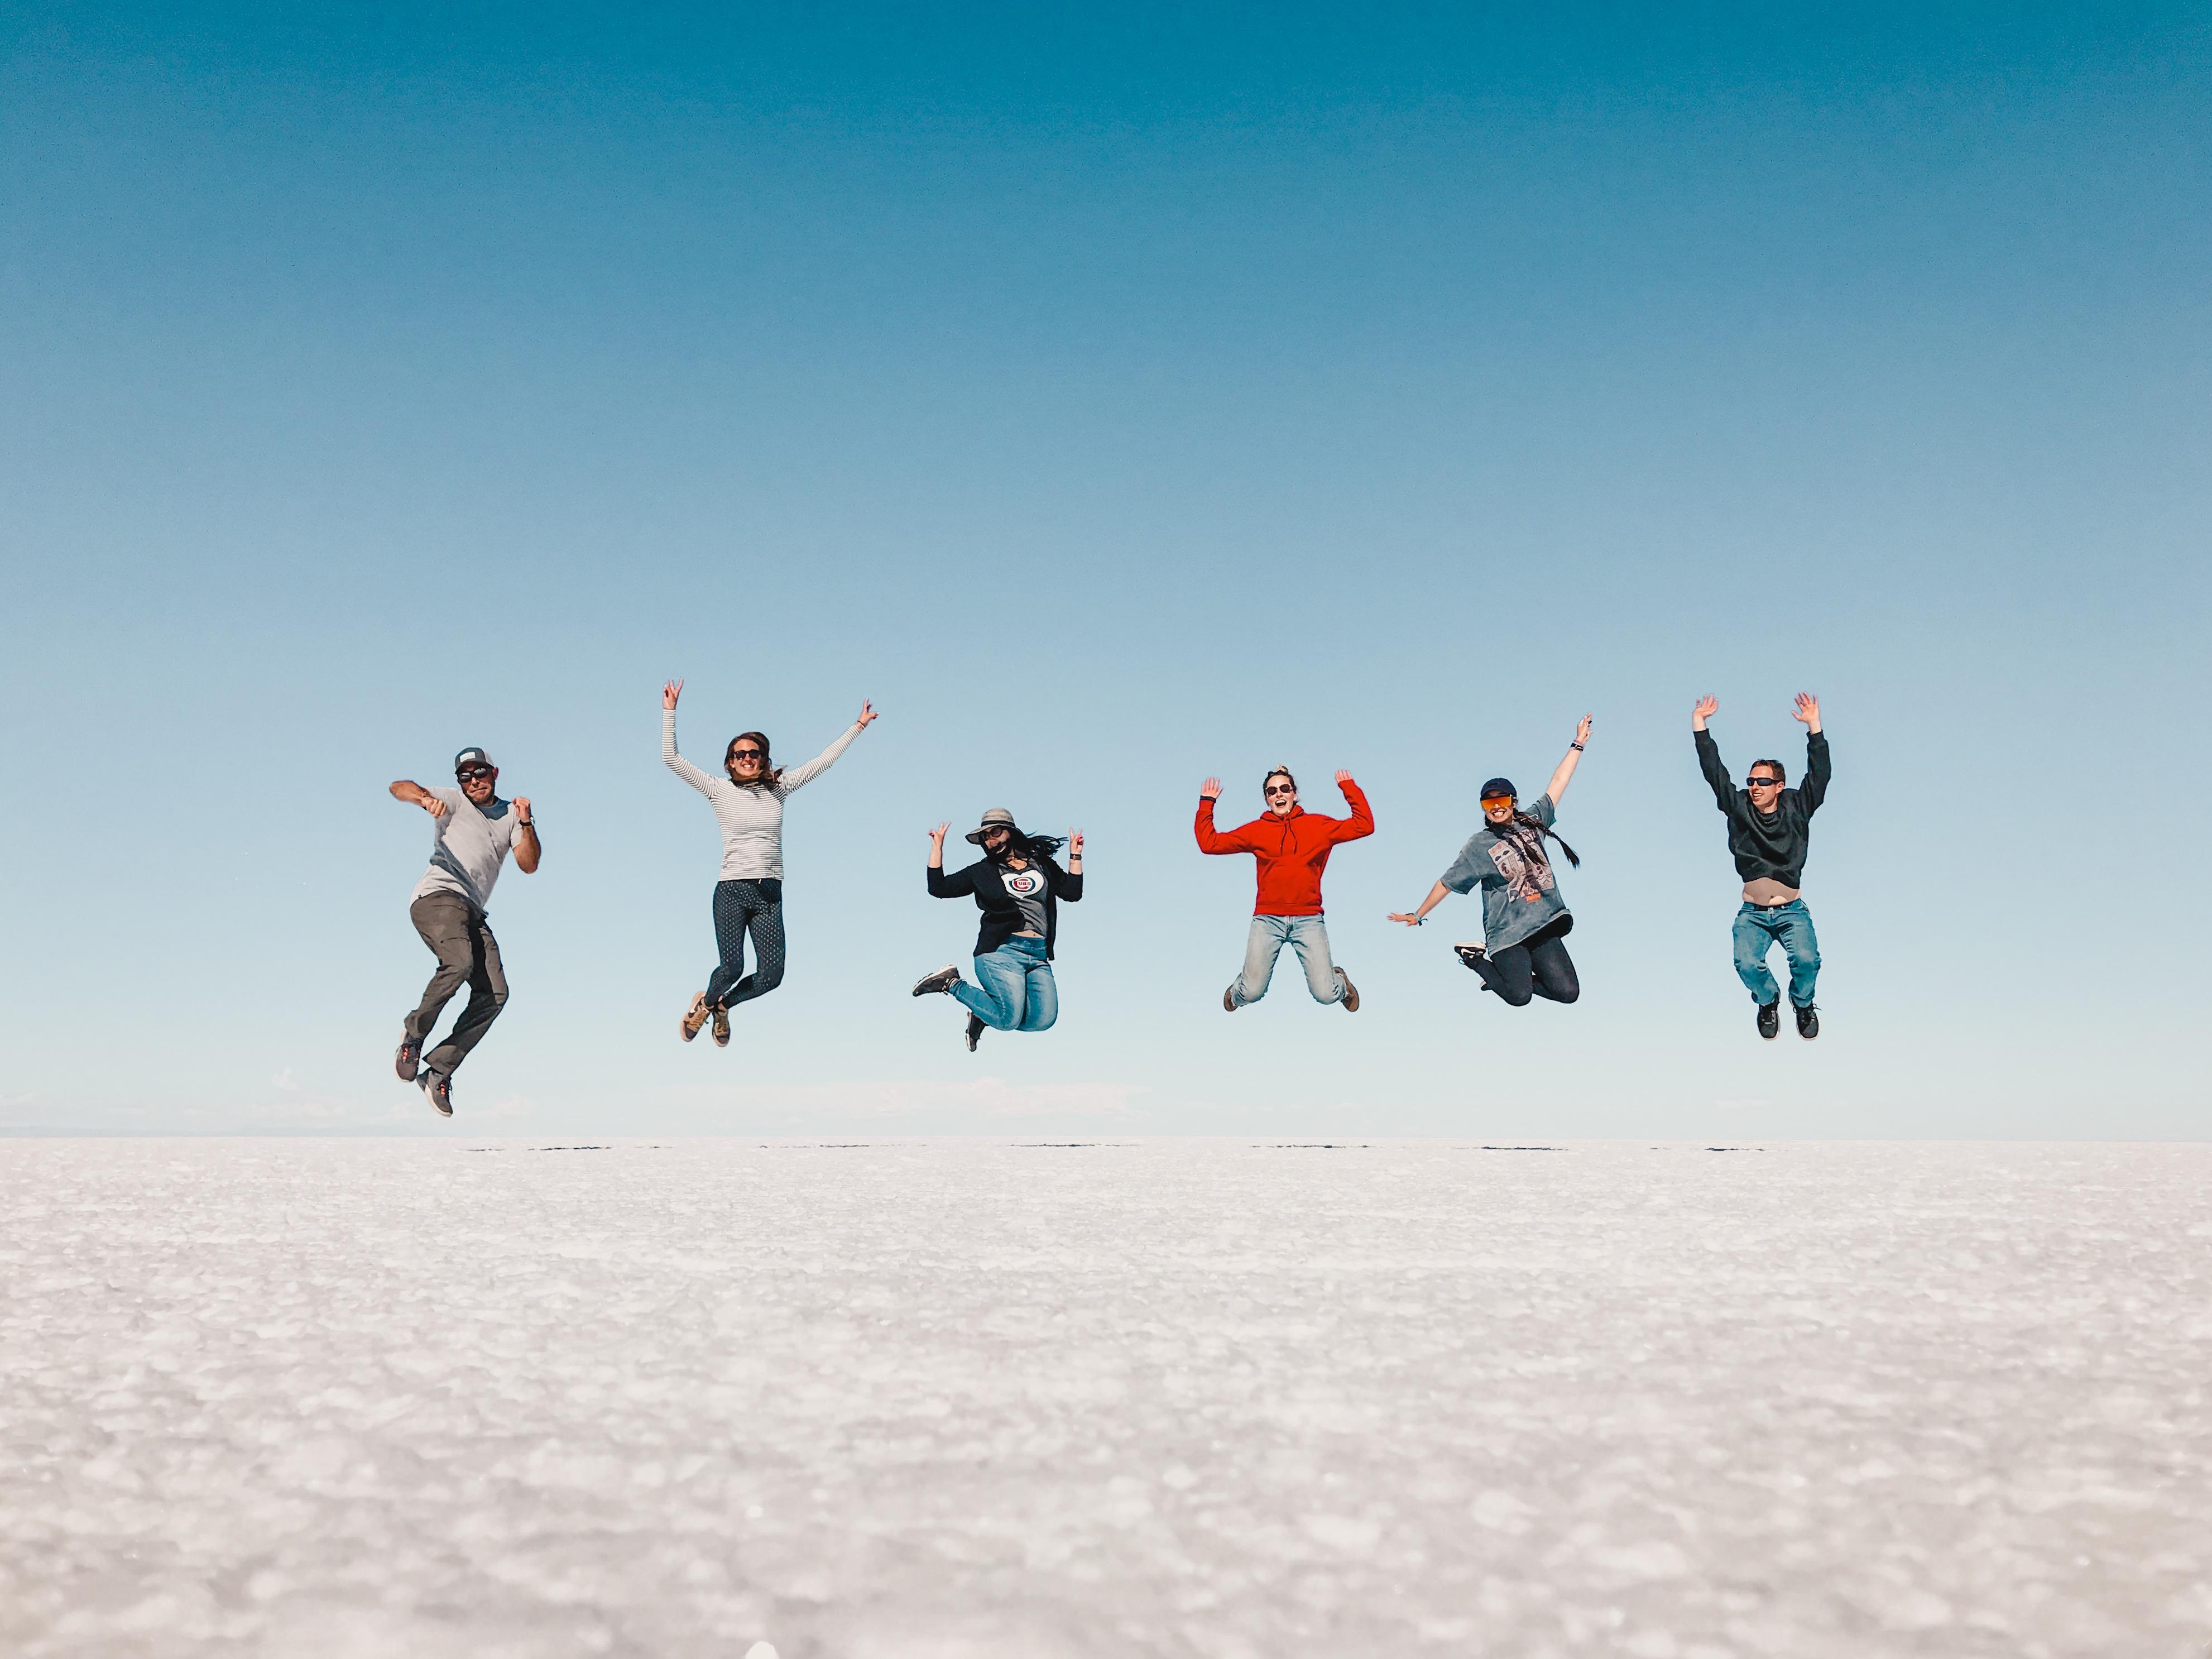 Jumping photo on salt lake